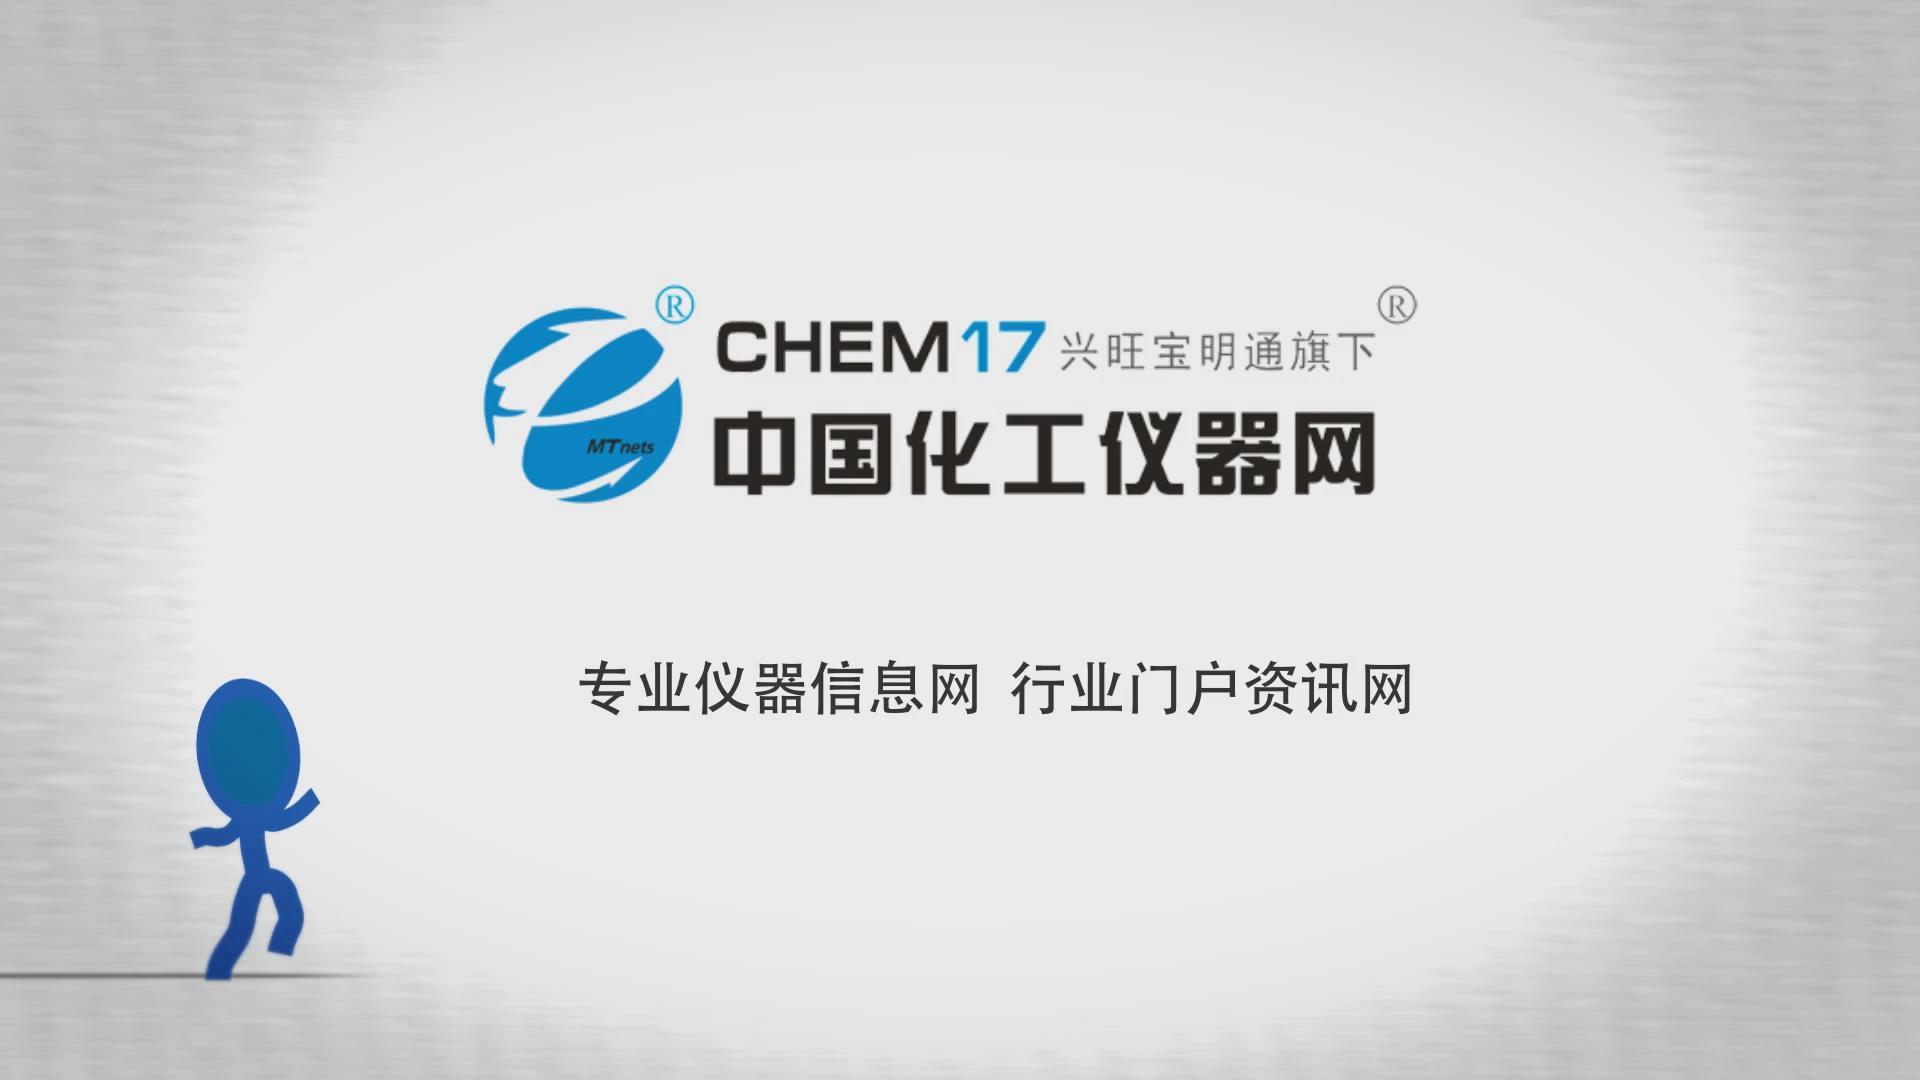 中国化工仪器网mg动画宣传短片